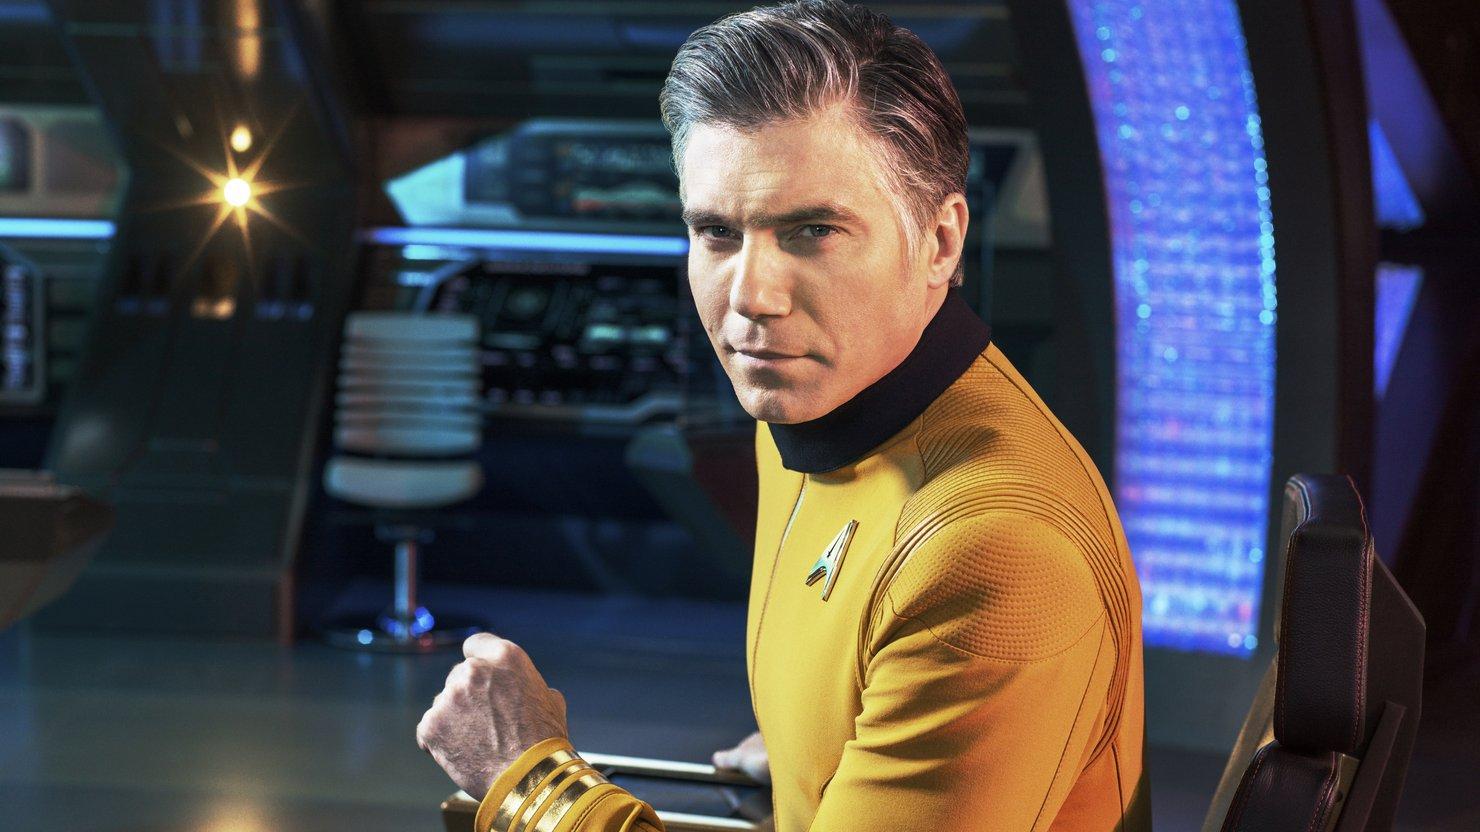 CBS работает над сериалом по «Звездном пути» про Пайка и Спока